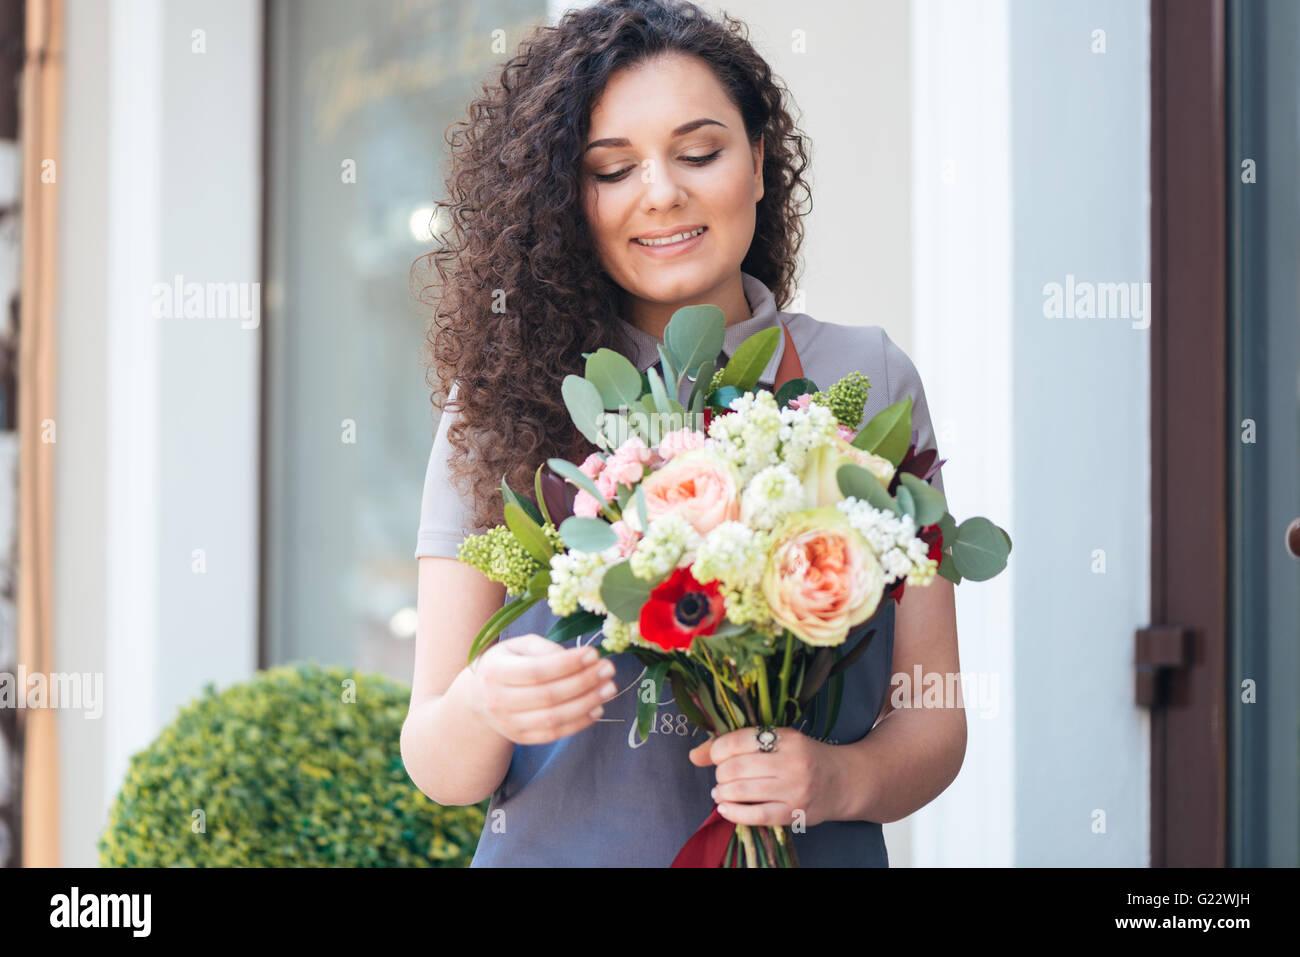 Nette junge Frau Floristen mit Blume Blumenstrauß stand vor Shop lächelnd Stockbild